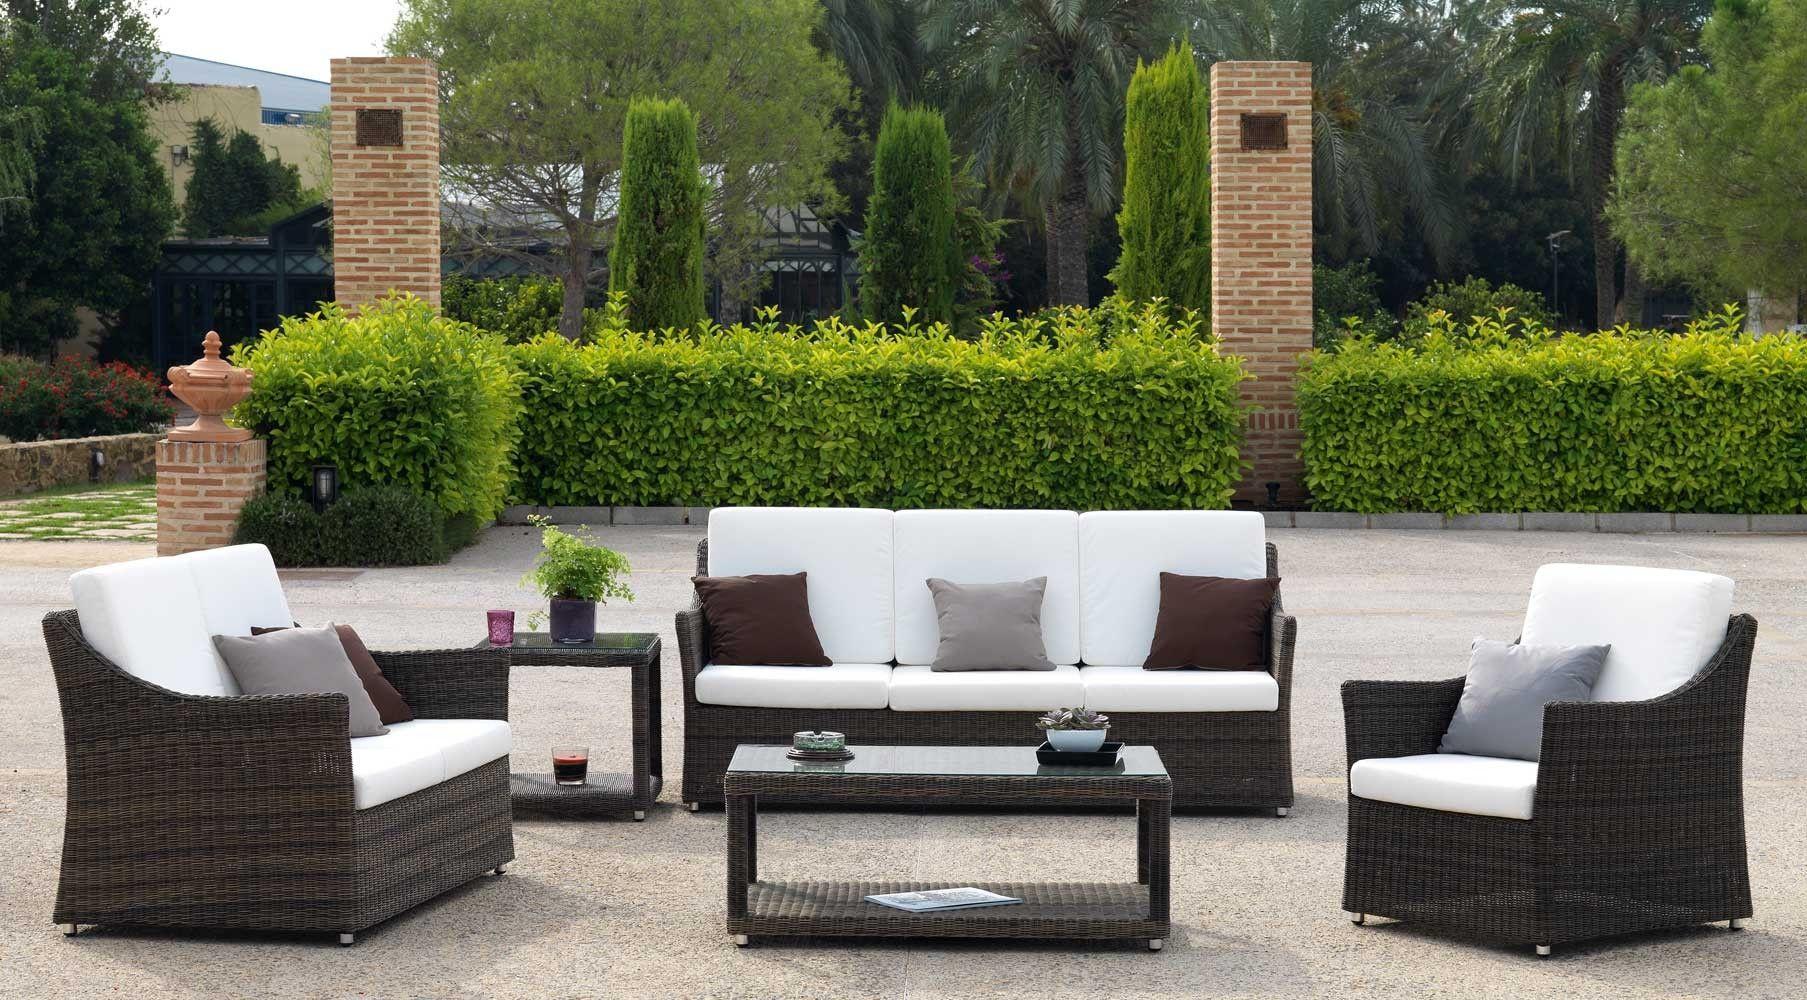 Sof De Exterior Ibiza 2 Plazas Sof S De Jard N Sof S Ratt N  # Muebles De Jardin Wicker